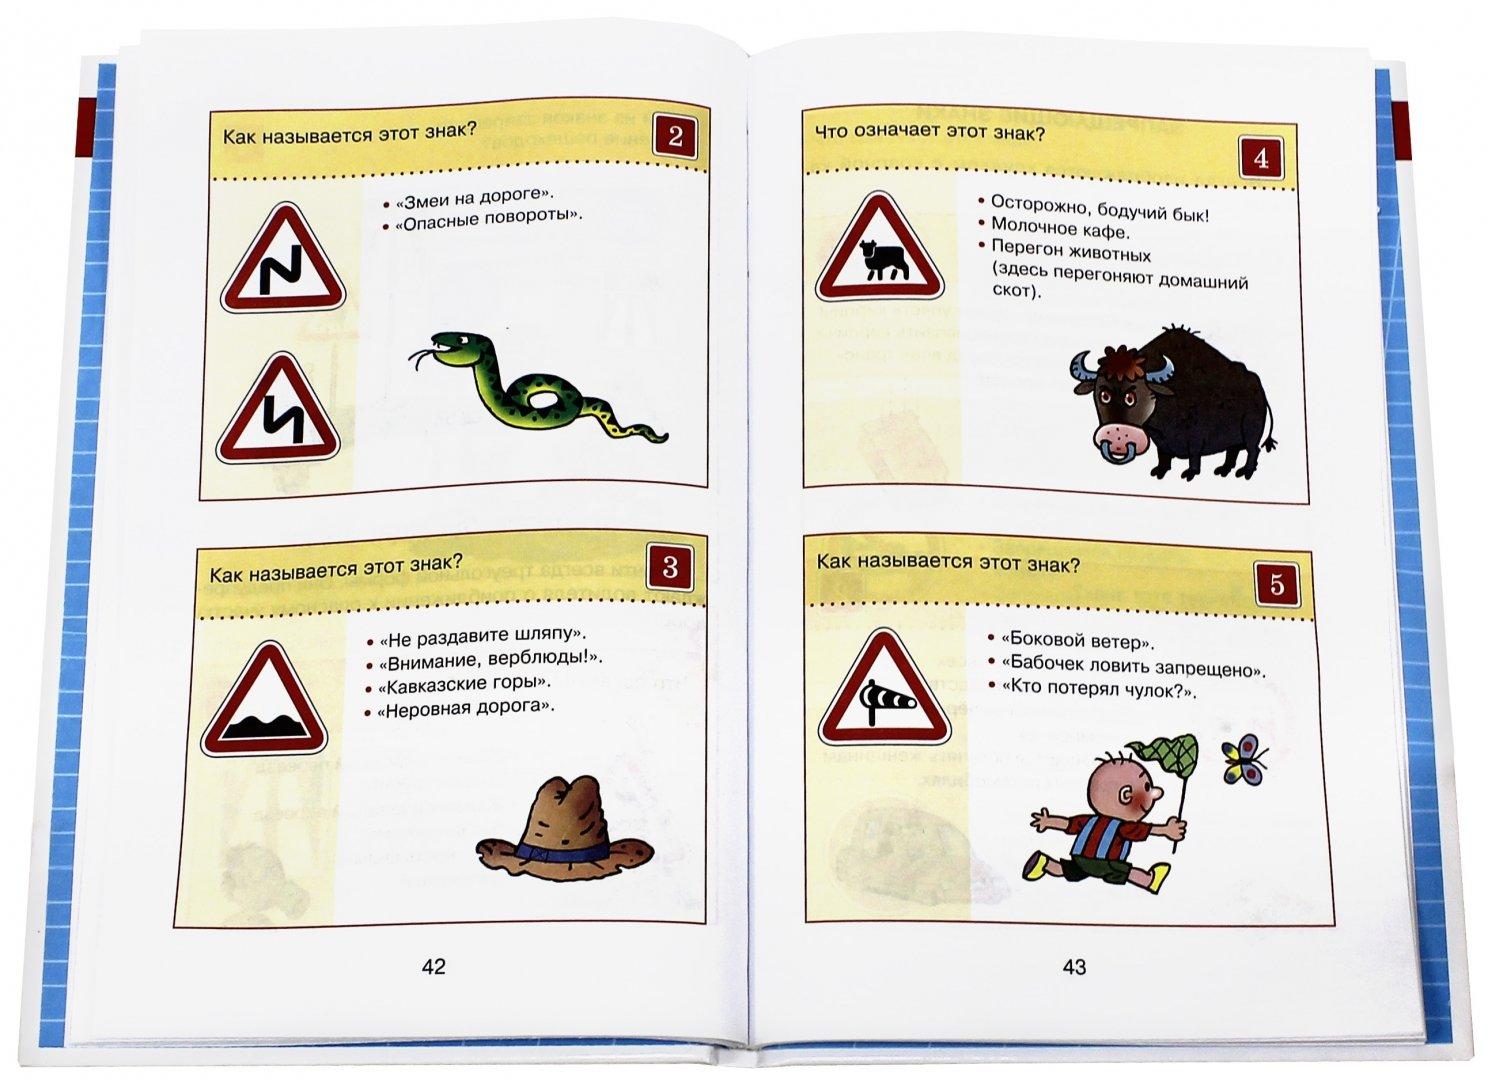 Иллюстрация 1 из 42 для Правила дорожного движения для будущих водителей и их родителей - Андрей Усачев | Лабиринт - книги. Источник: Лабиринт